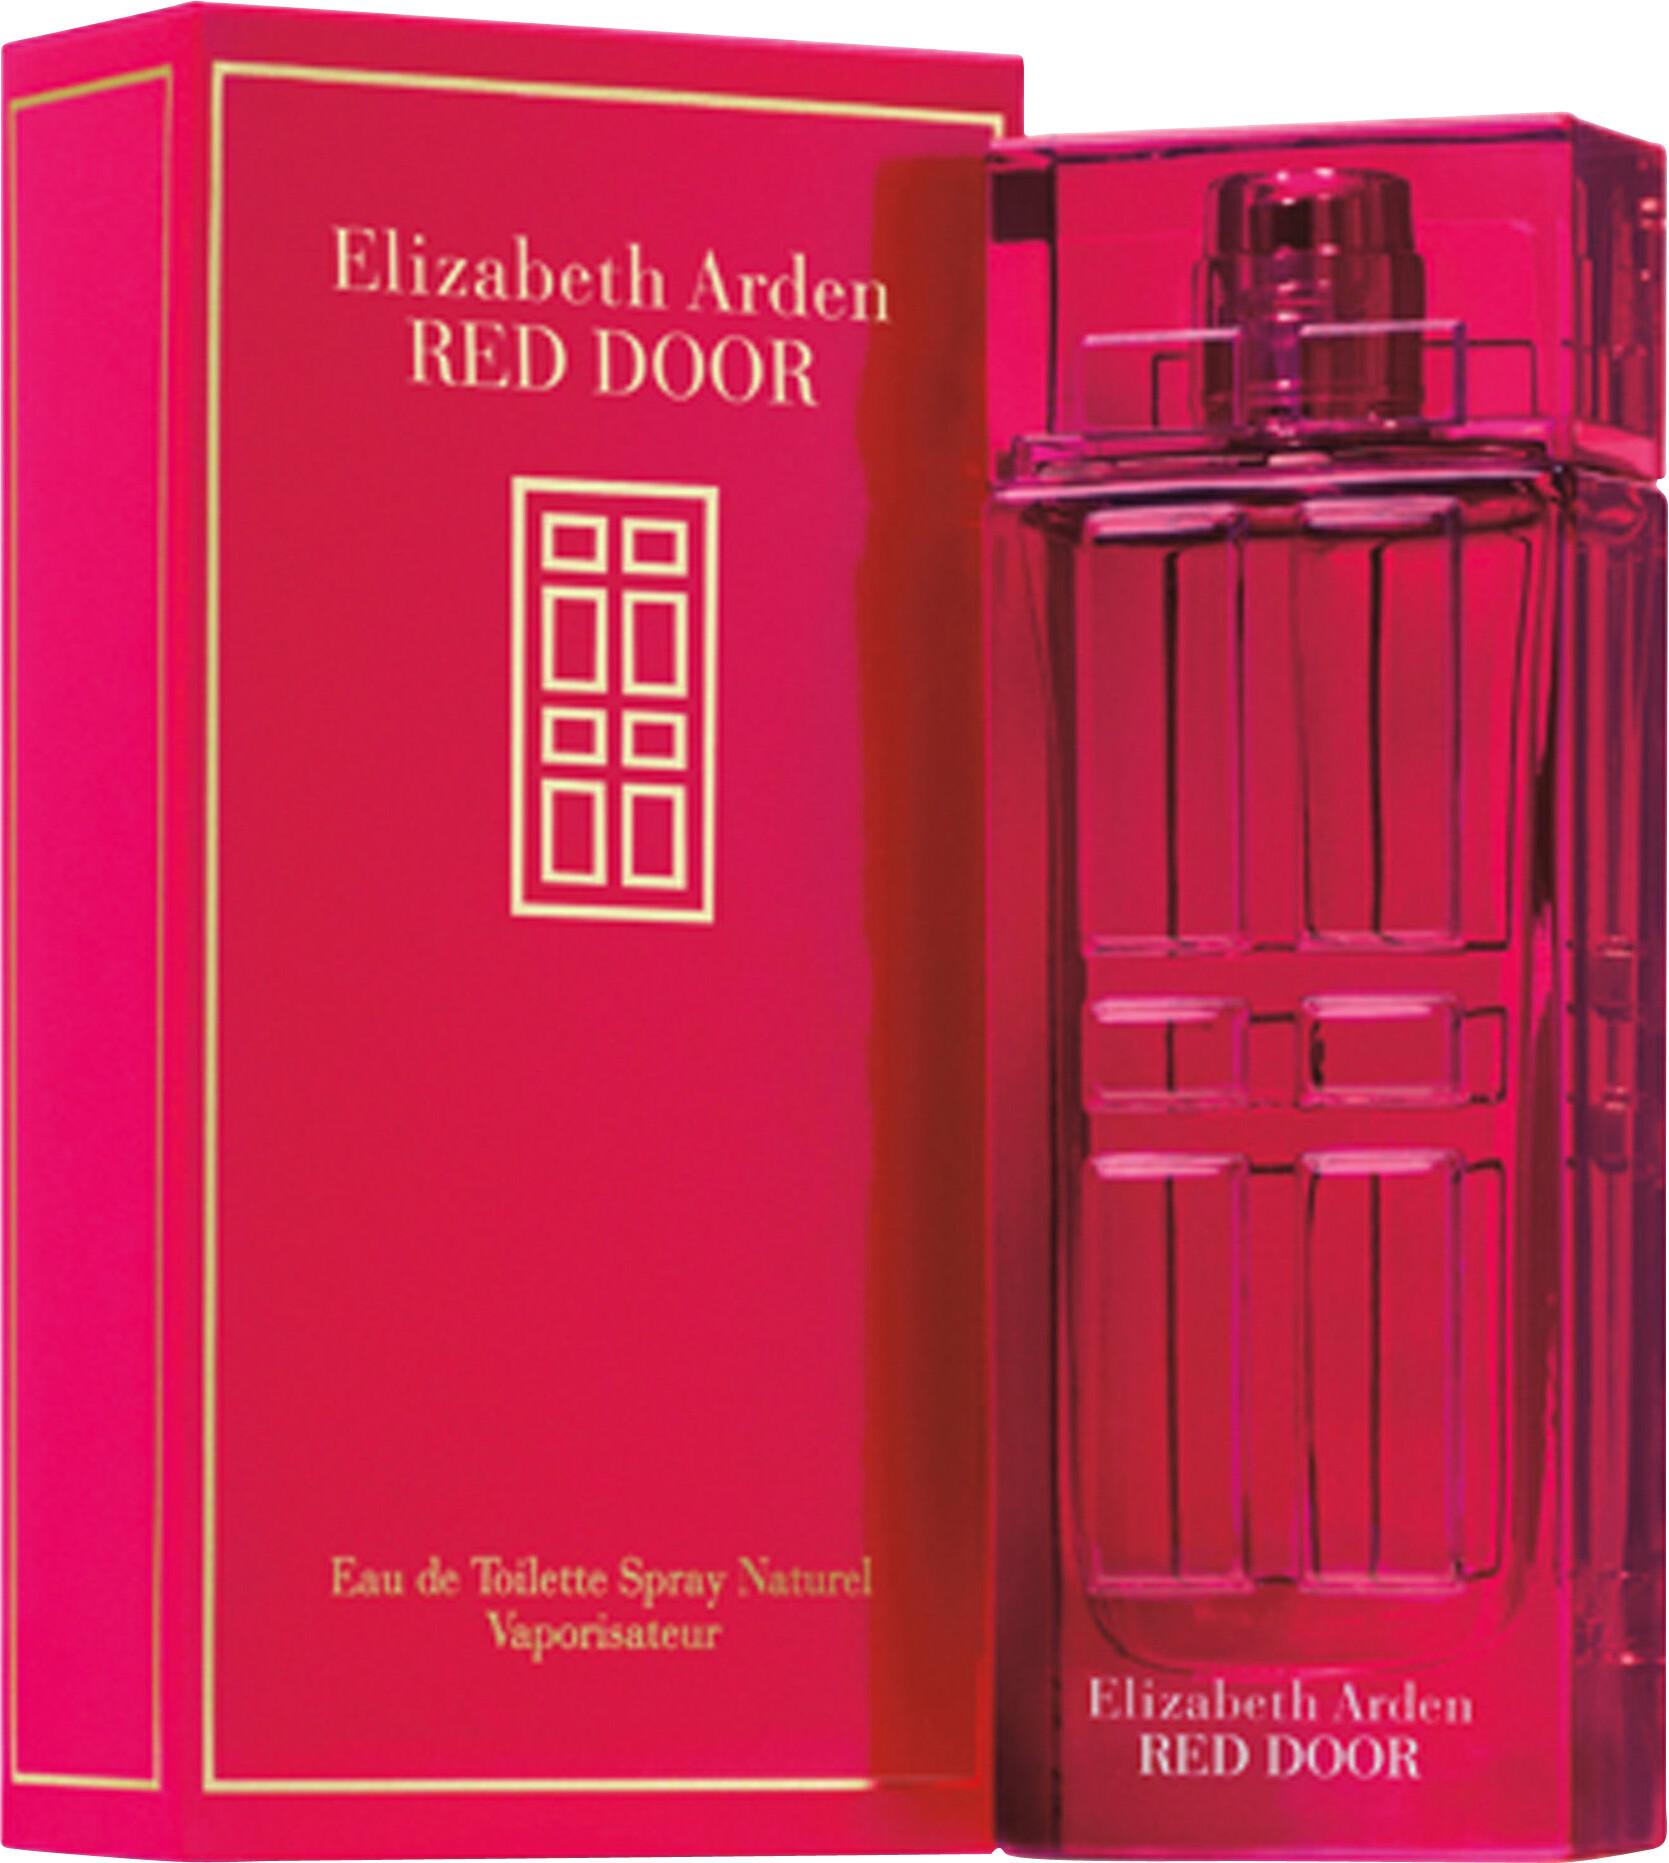 Red Door Elizabeth Arden ml Door Design Ideas